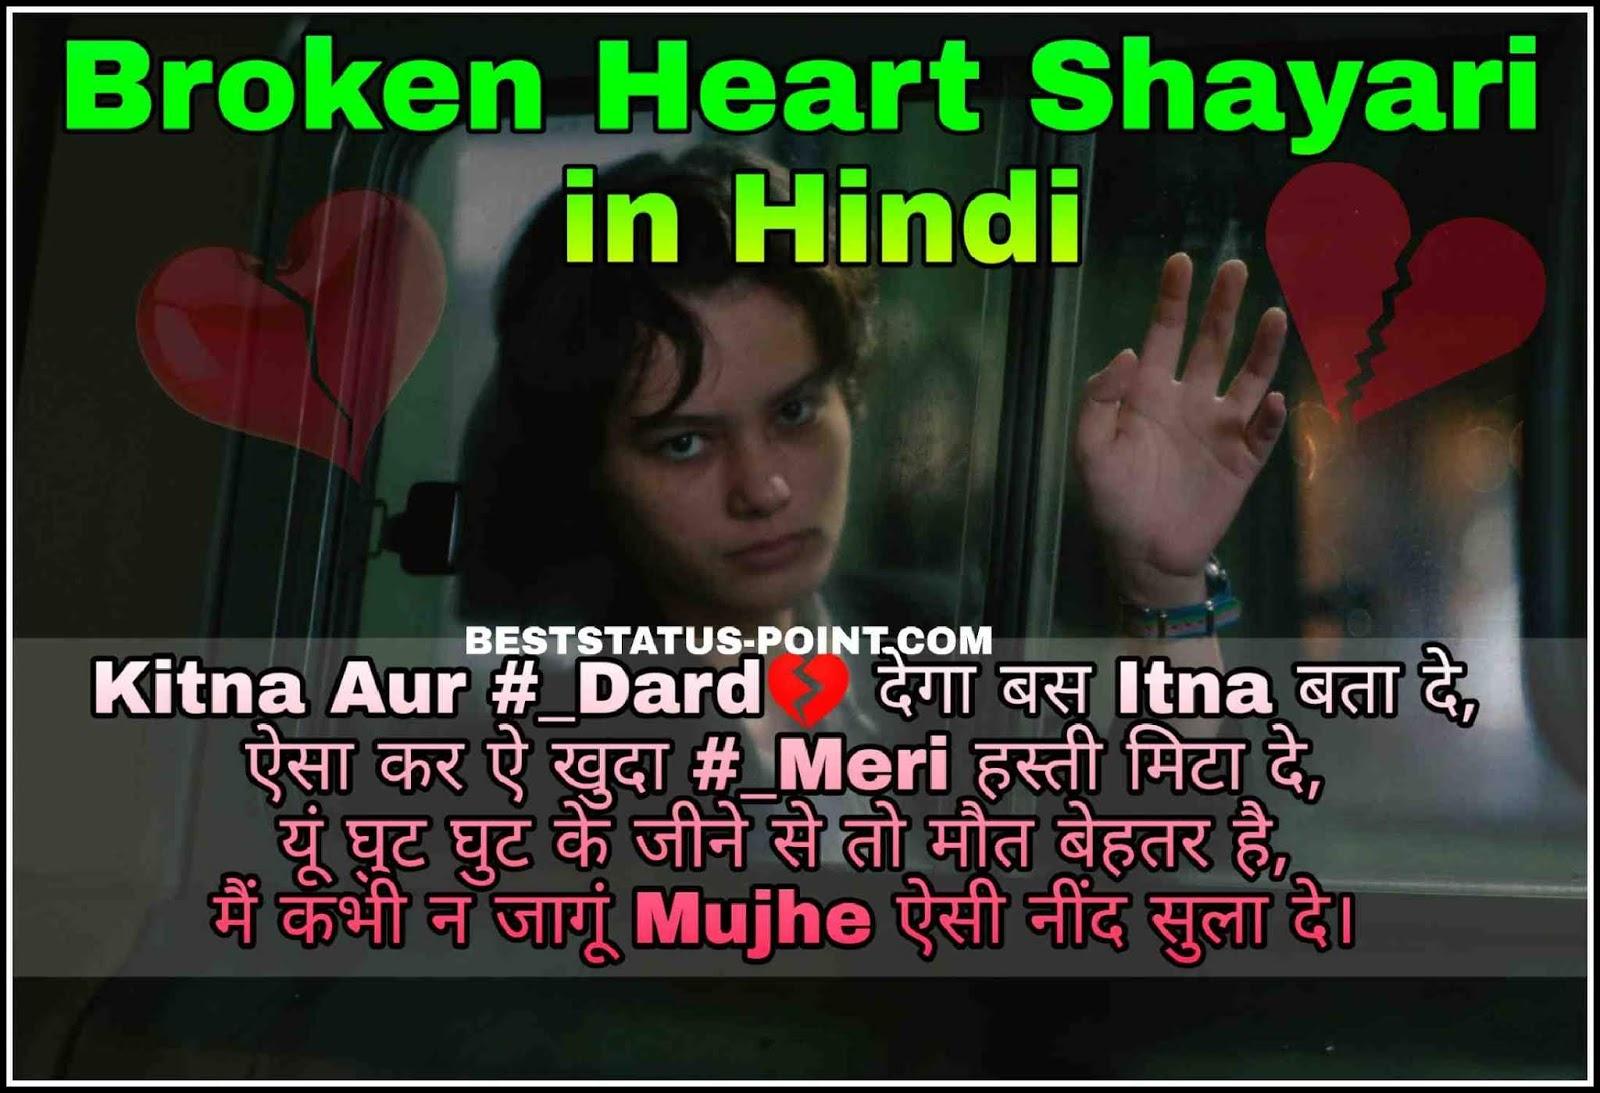 Broken_Heart_Shayari_in_Hindi